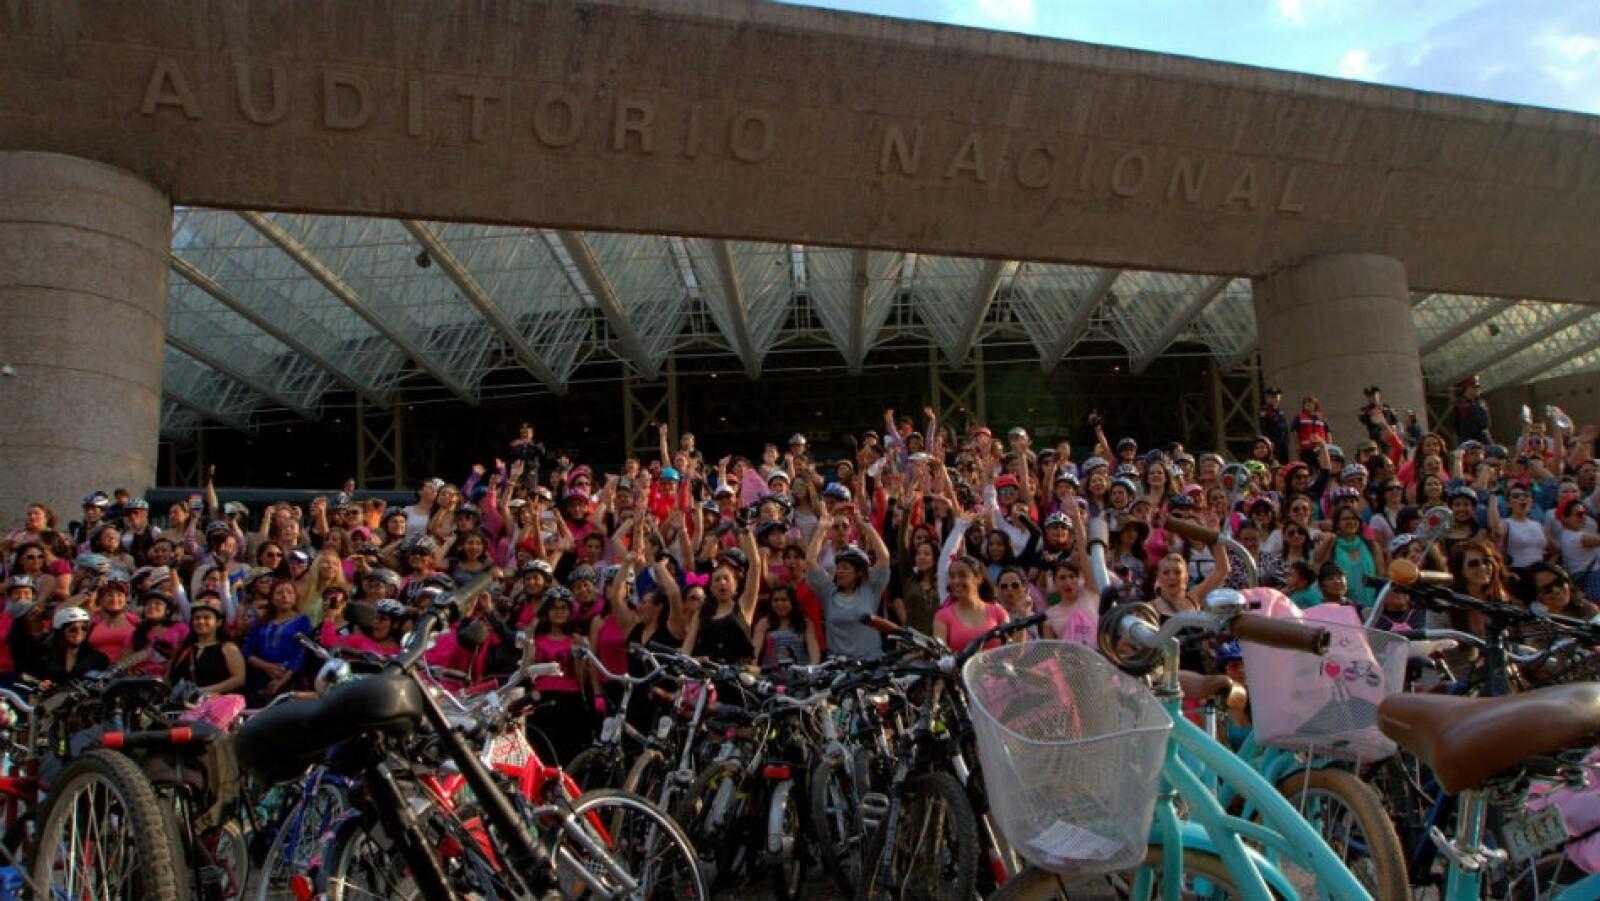 Mujeres bici tacones